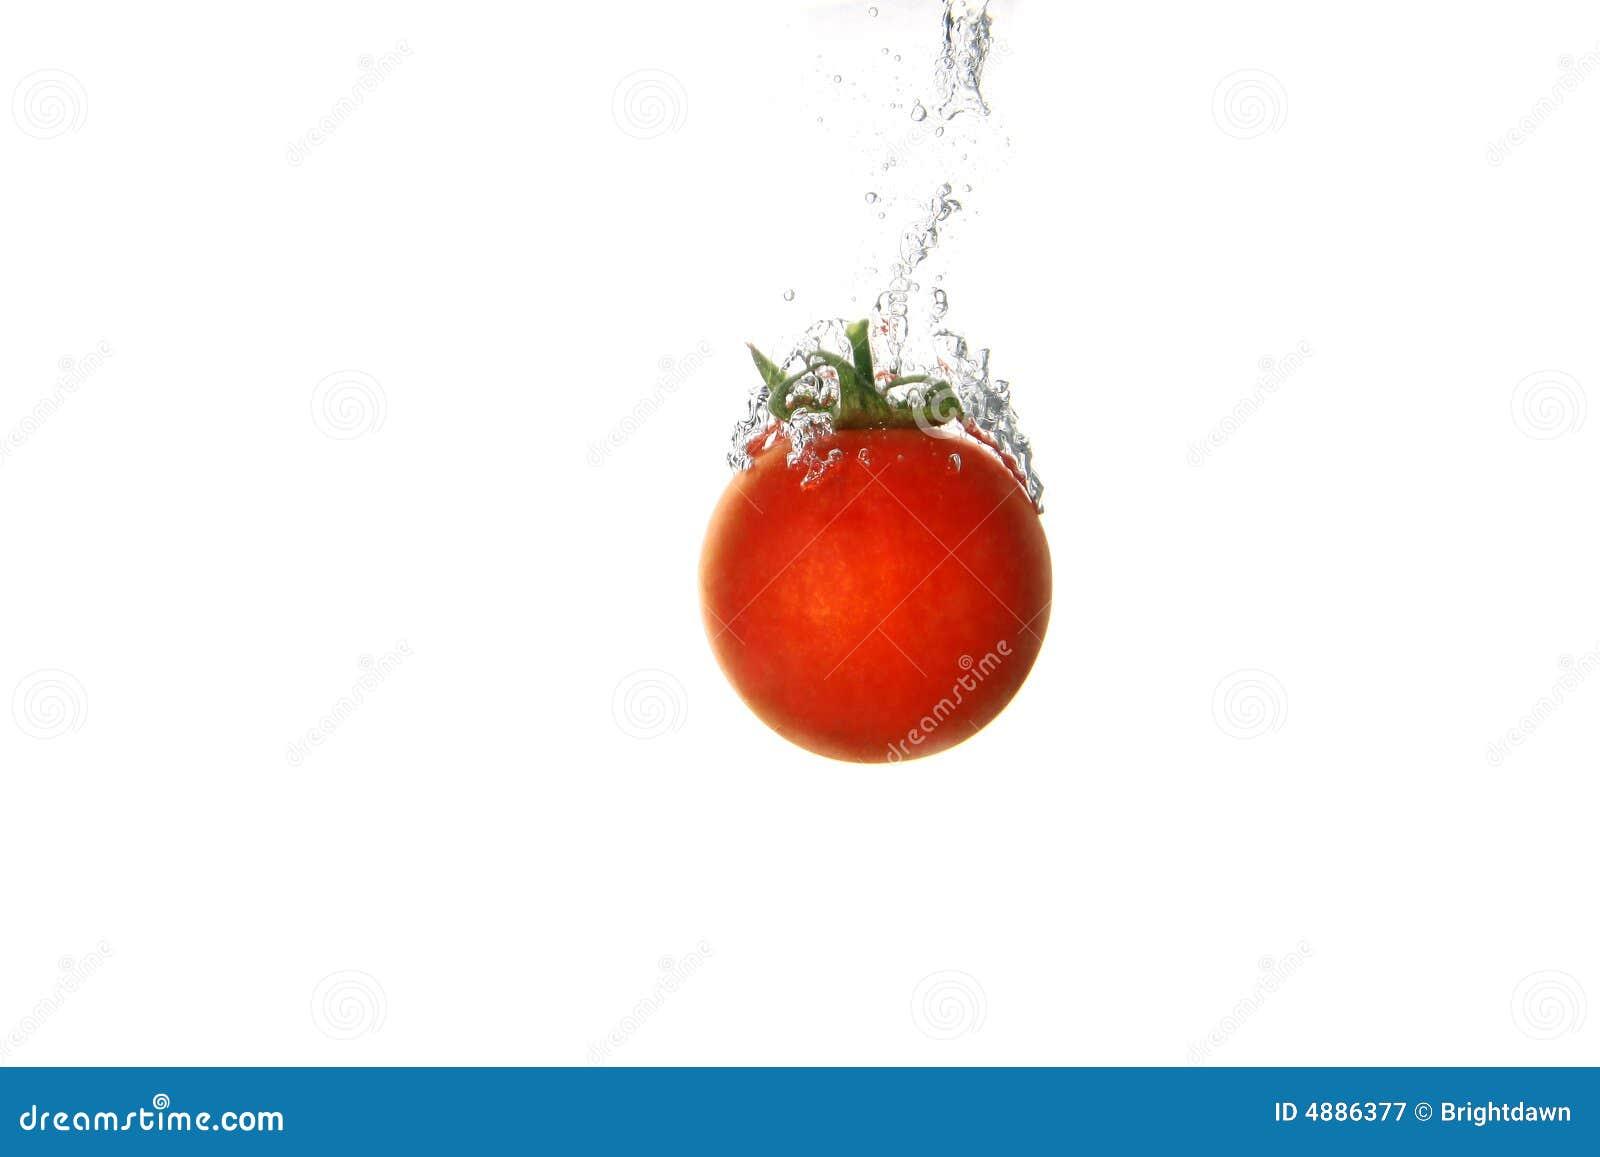 tomato splash royalty free stock photography image 4886377